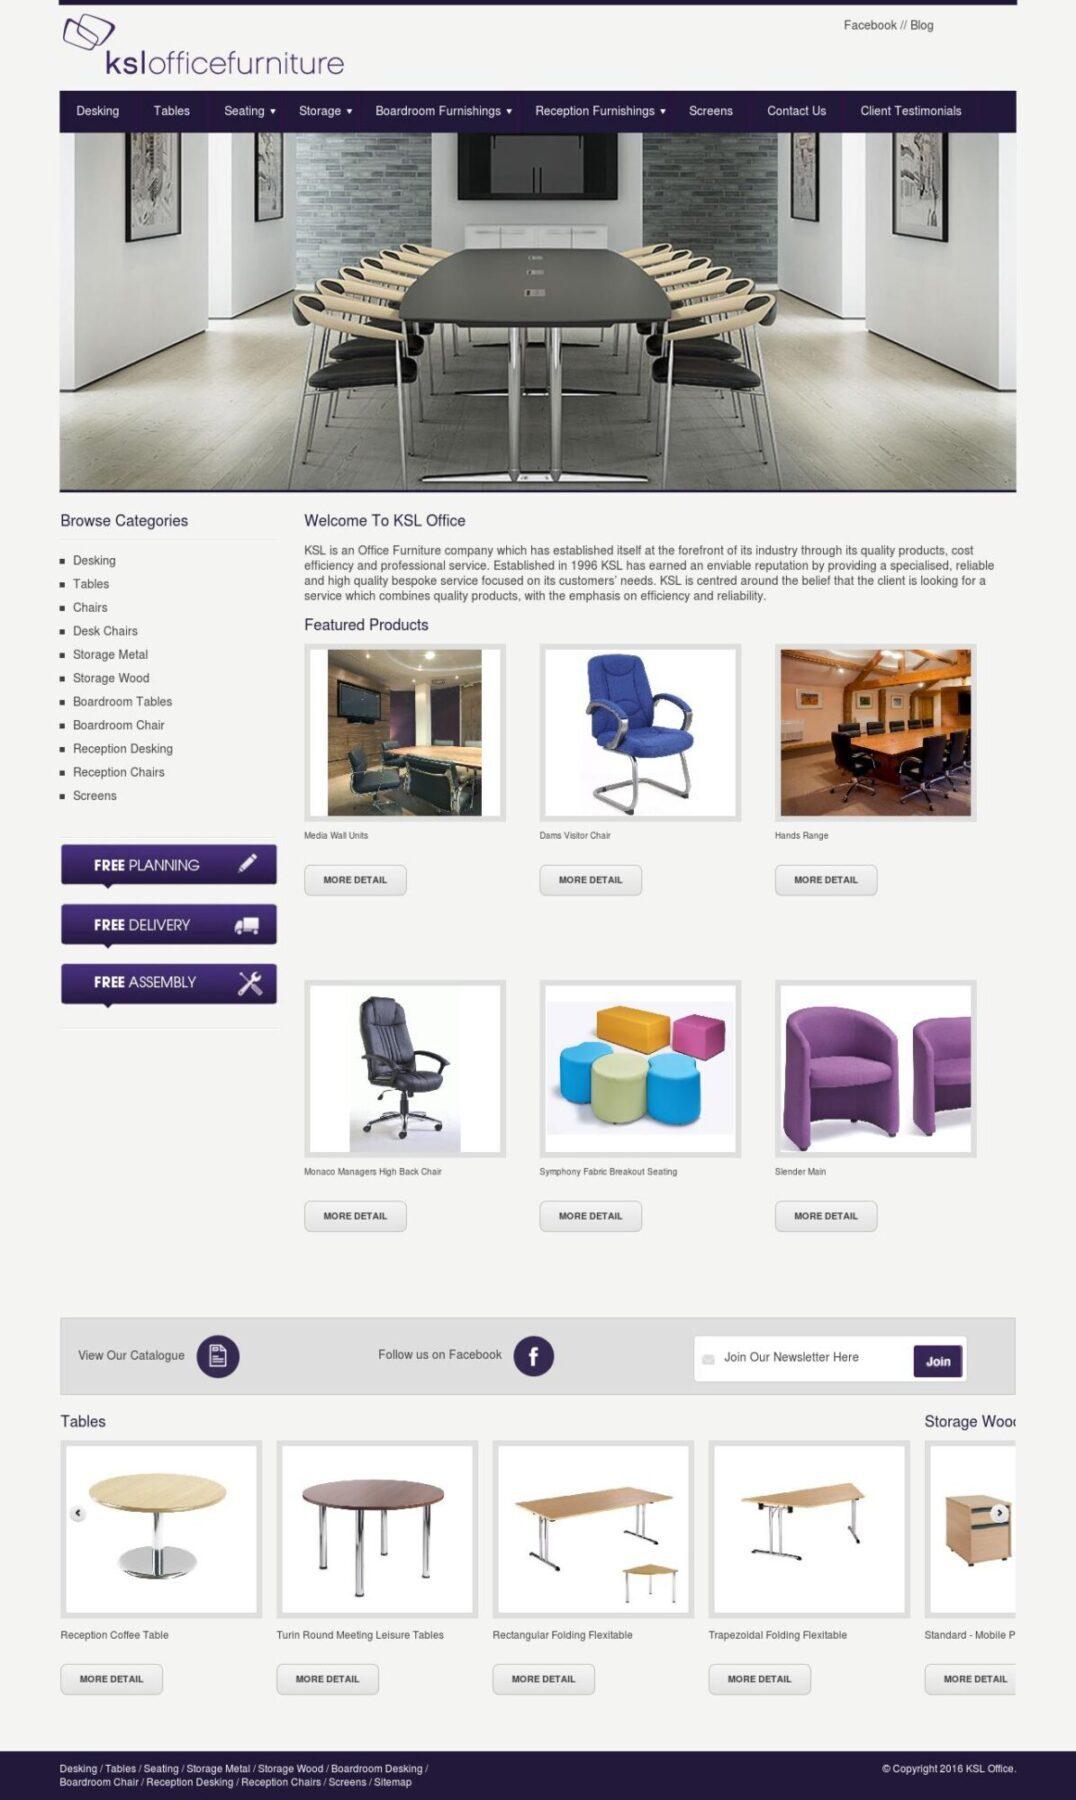 ksl office furniture website